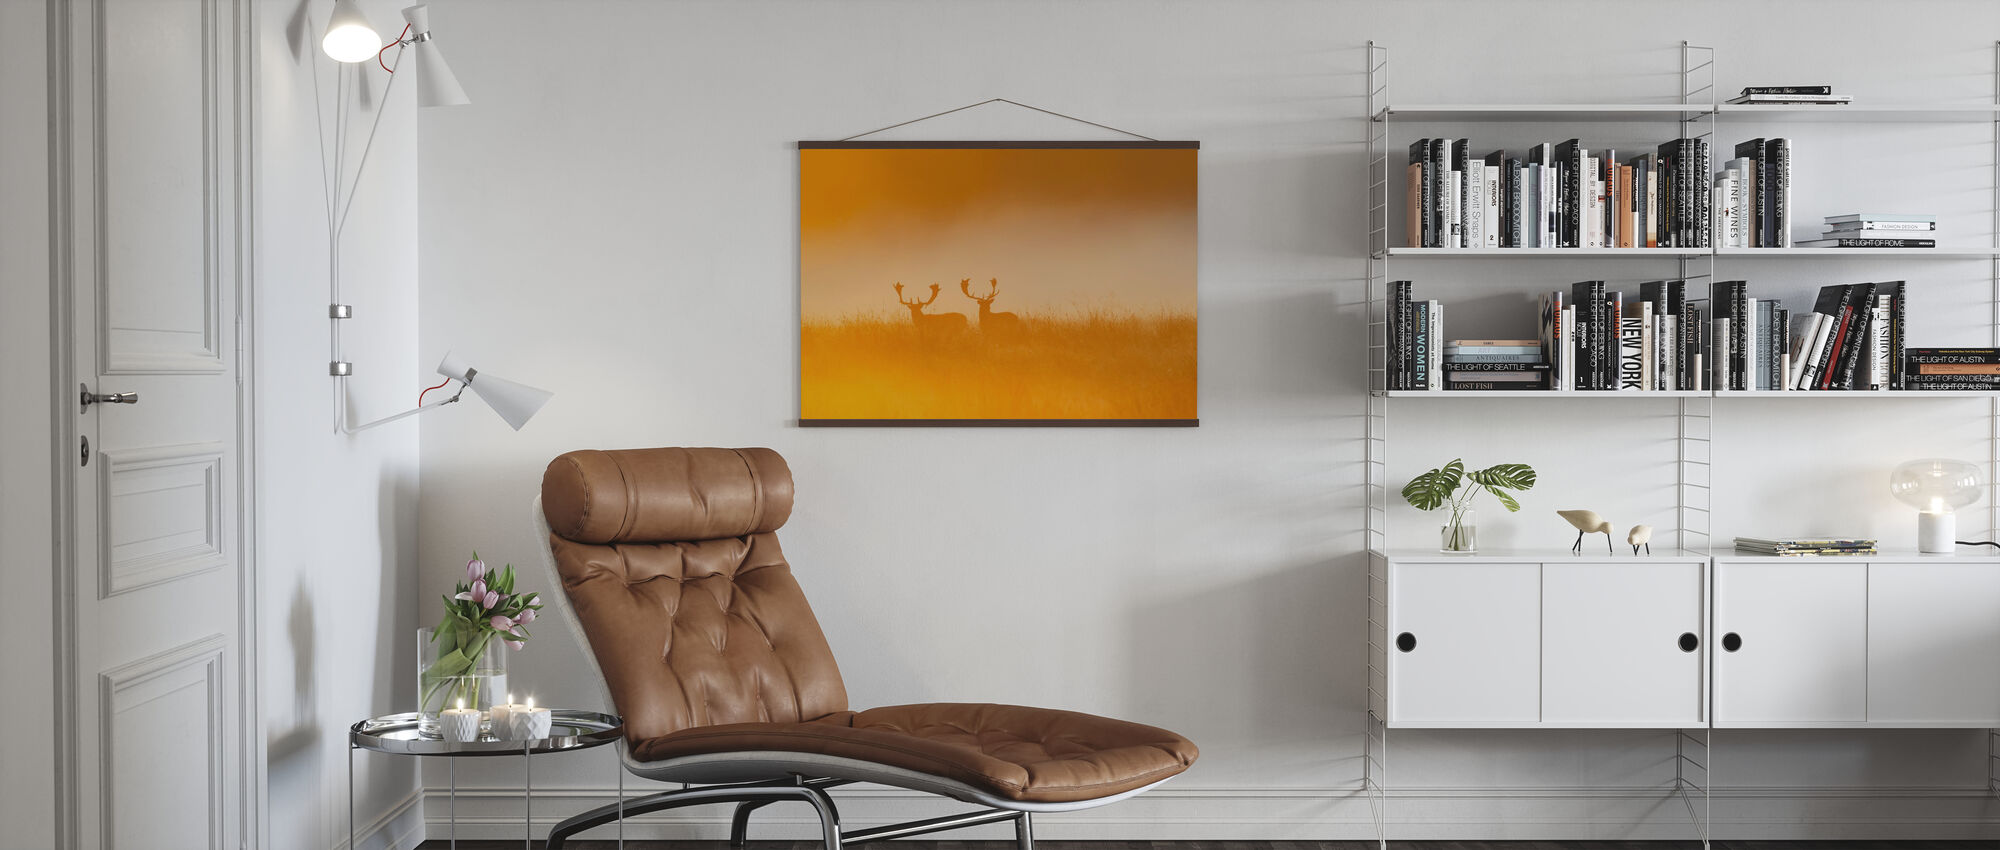 Deer in Yellow Light - Poster - Living Room